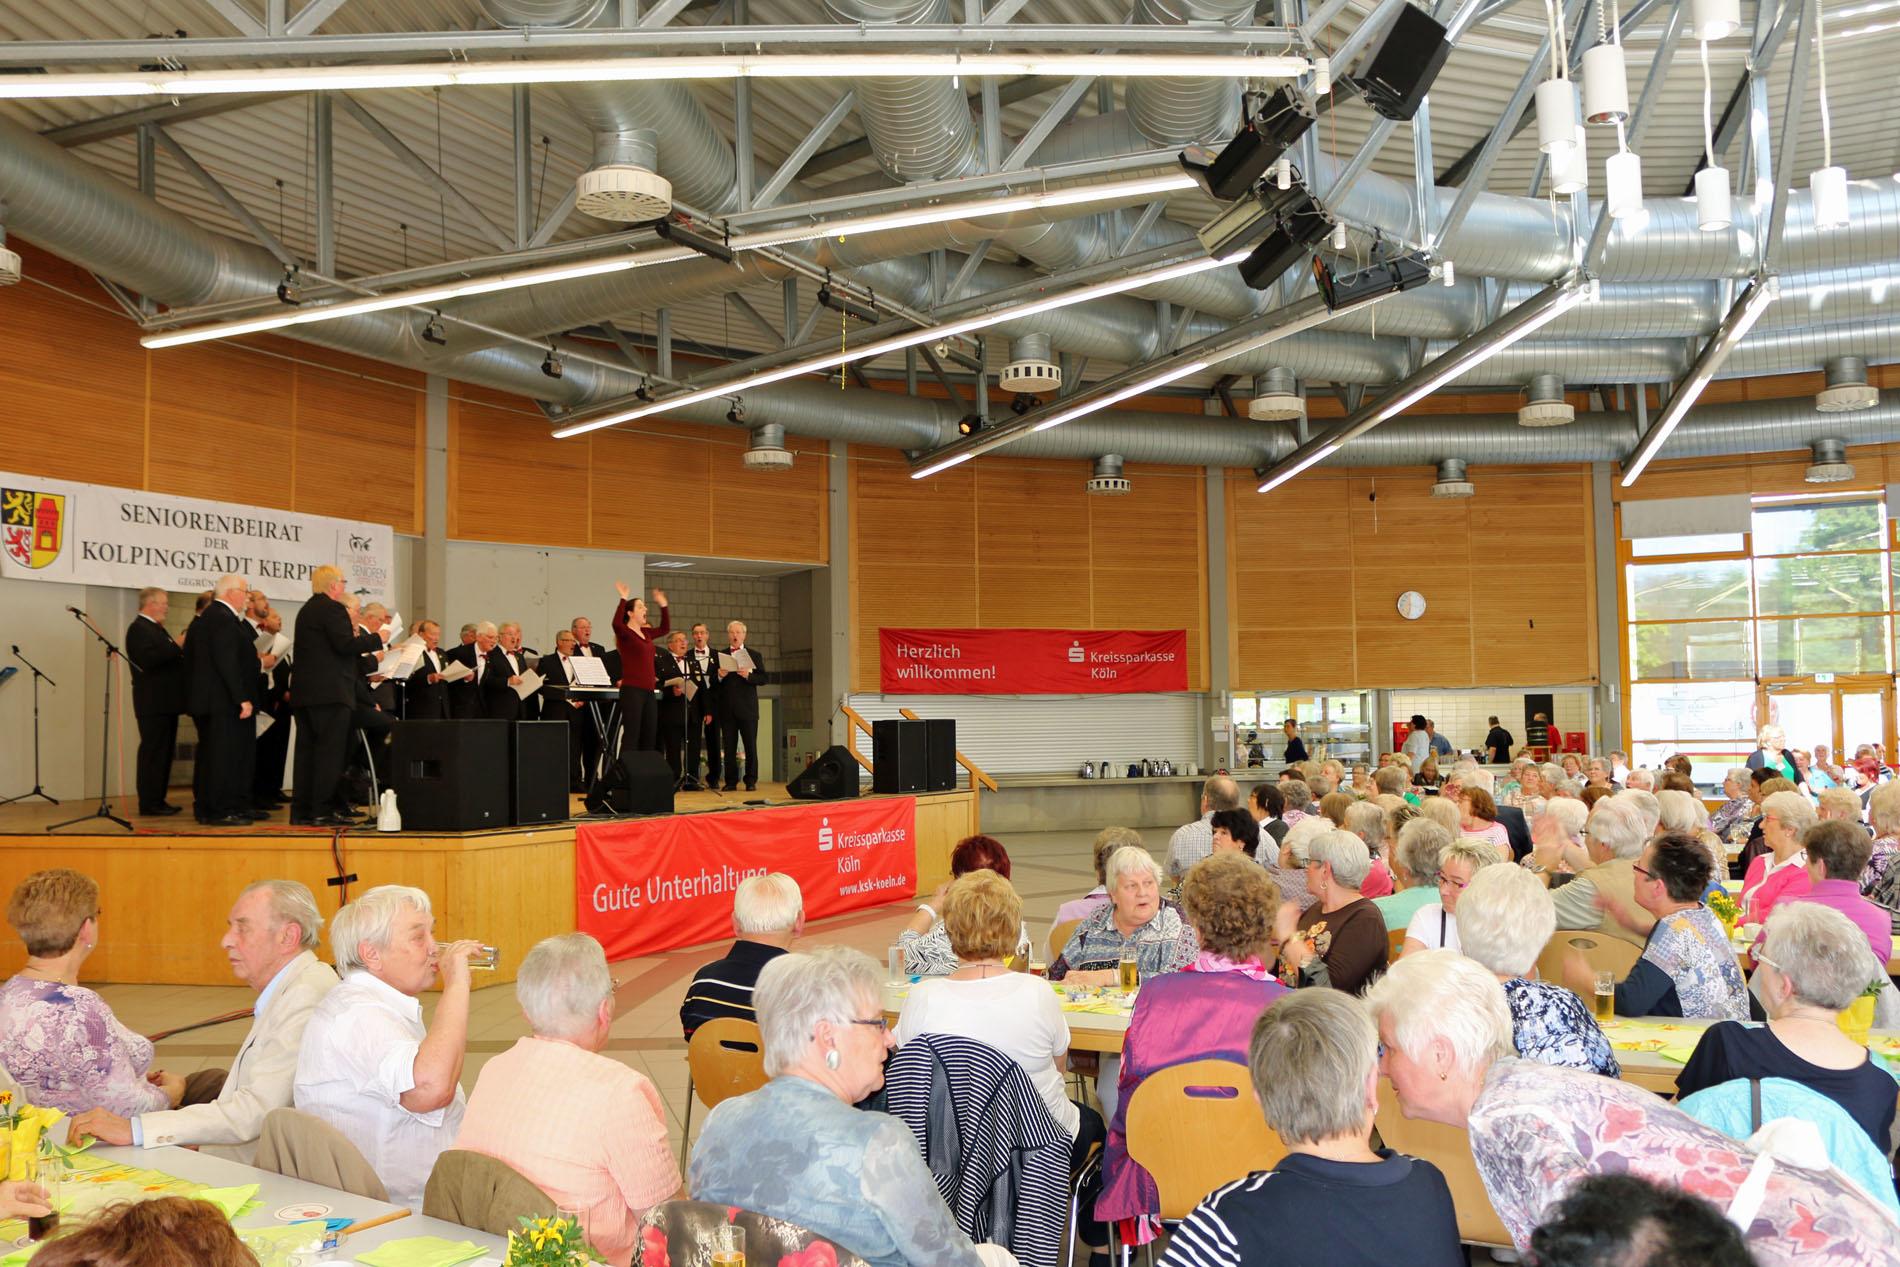 """Sichtlich viel Freude hatten Chor, Chorleiterin und Publikum an diesem Nachmittag bei """"Einen schönen Tag im Mai"""" in der Kolpingstadt Kerpen."""